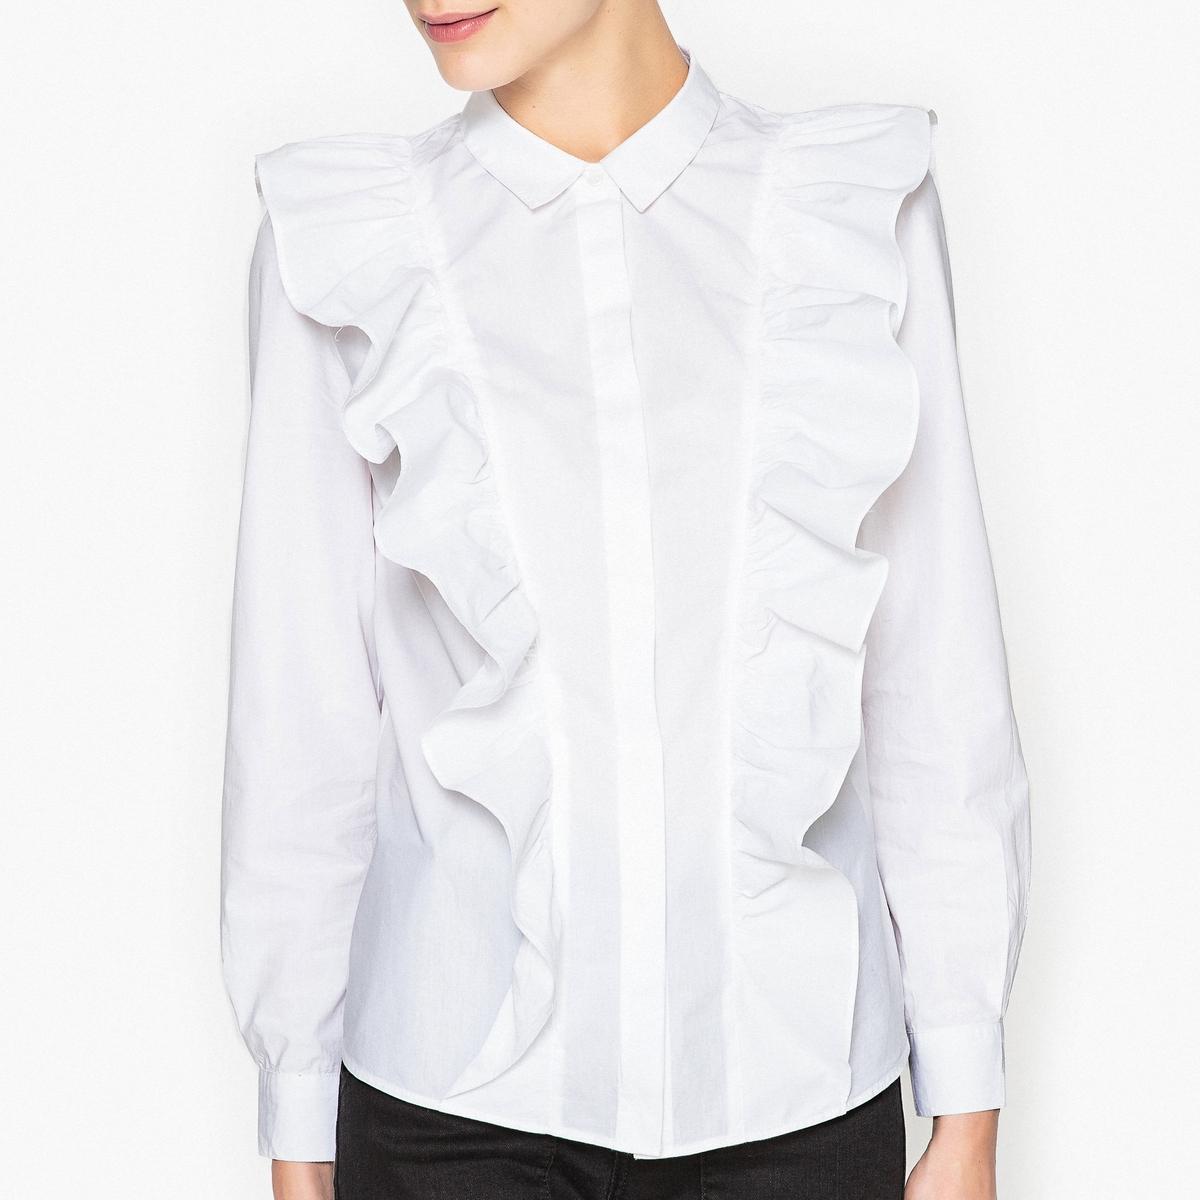 Рубашка с воланами DELHIРубашка с воланами BA&amp;SH - модельDELHI, с воланами с каждой стороны, продолжающиеся сзади, покрой прямой.Описание   •  Длинные рукава  •  Прямой покрой  •  Воротник-поло, рубашечный Состав и уход   •  100% хлопок  •  Следуйте советам по уходу, указанным на этикетке   •  Пуговицы спереди, воротник-поло со свободными краями •  Манжеты на пуговицах •  Низ слегка закругленный спереди и сзади •  Воланы вертикальные с каждой стороны, стиль жабо по всей длине сзади.<br><br>Цвет: белый